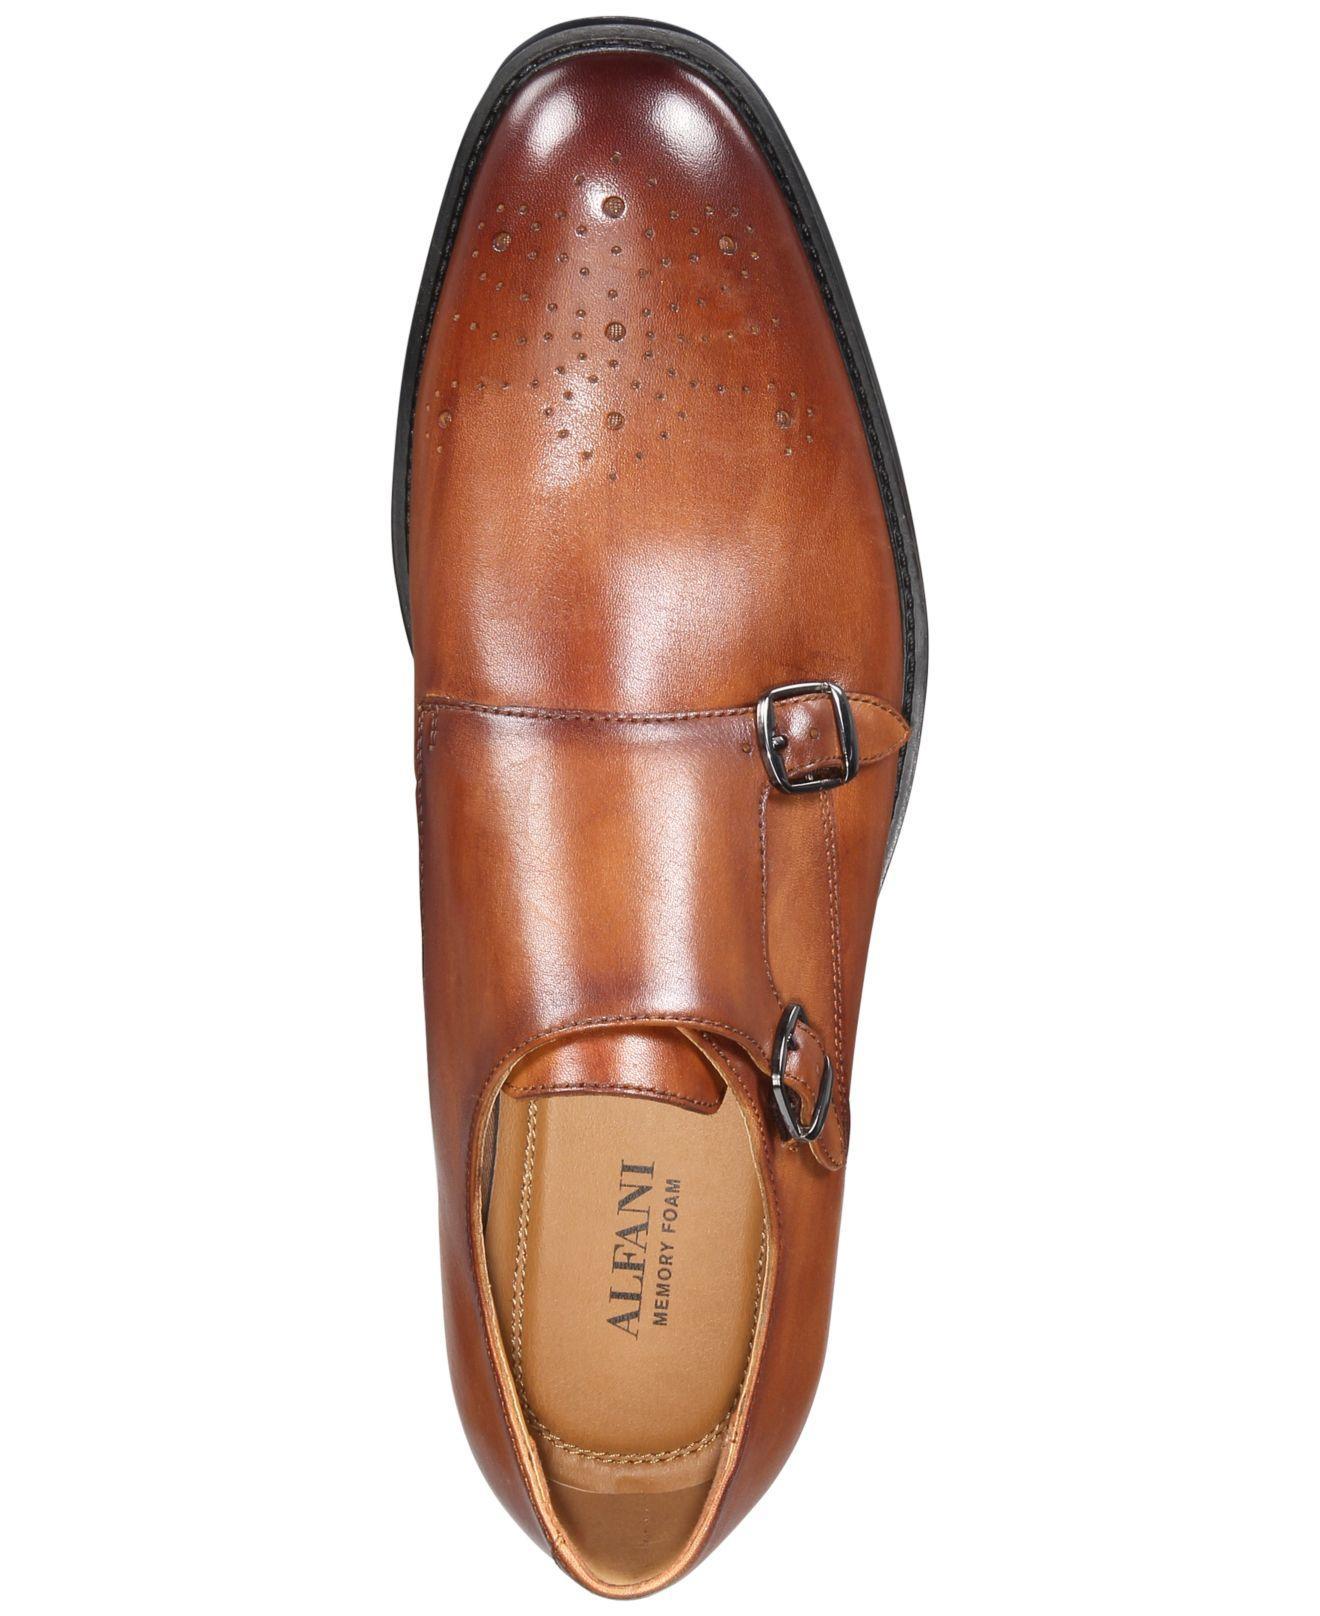 Alfani Leather Sheridan Double-monk